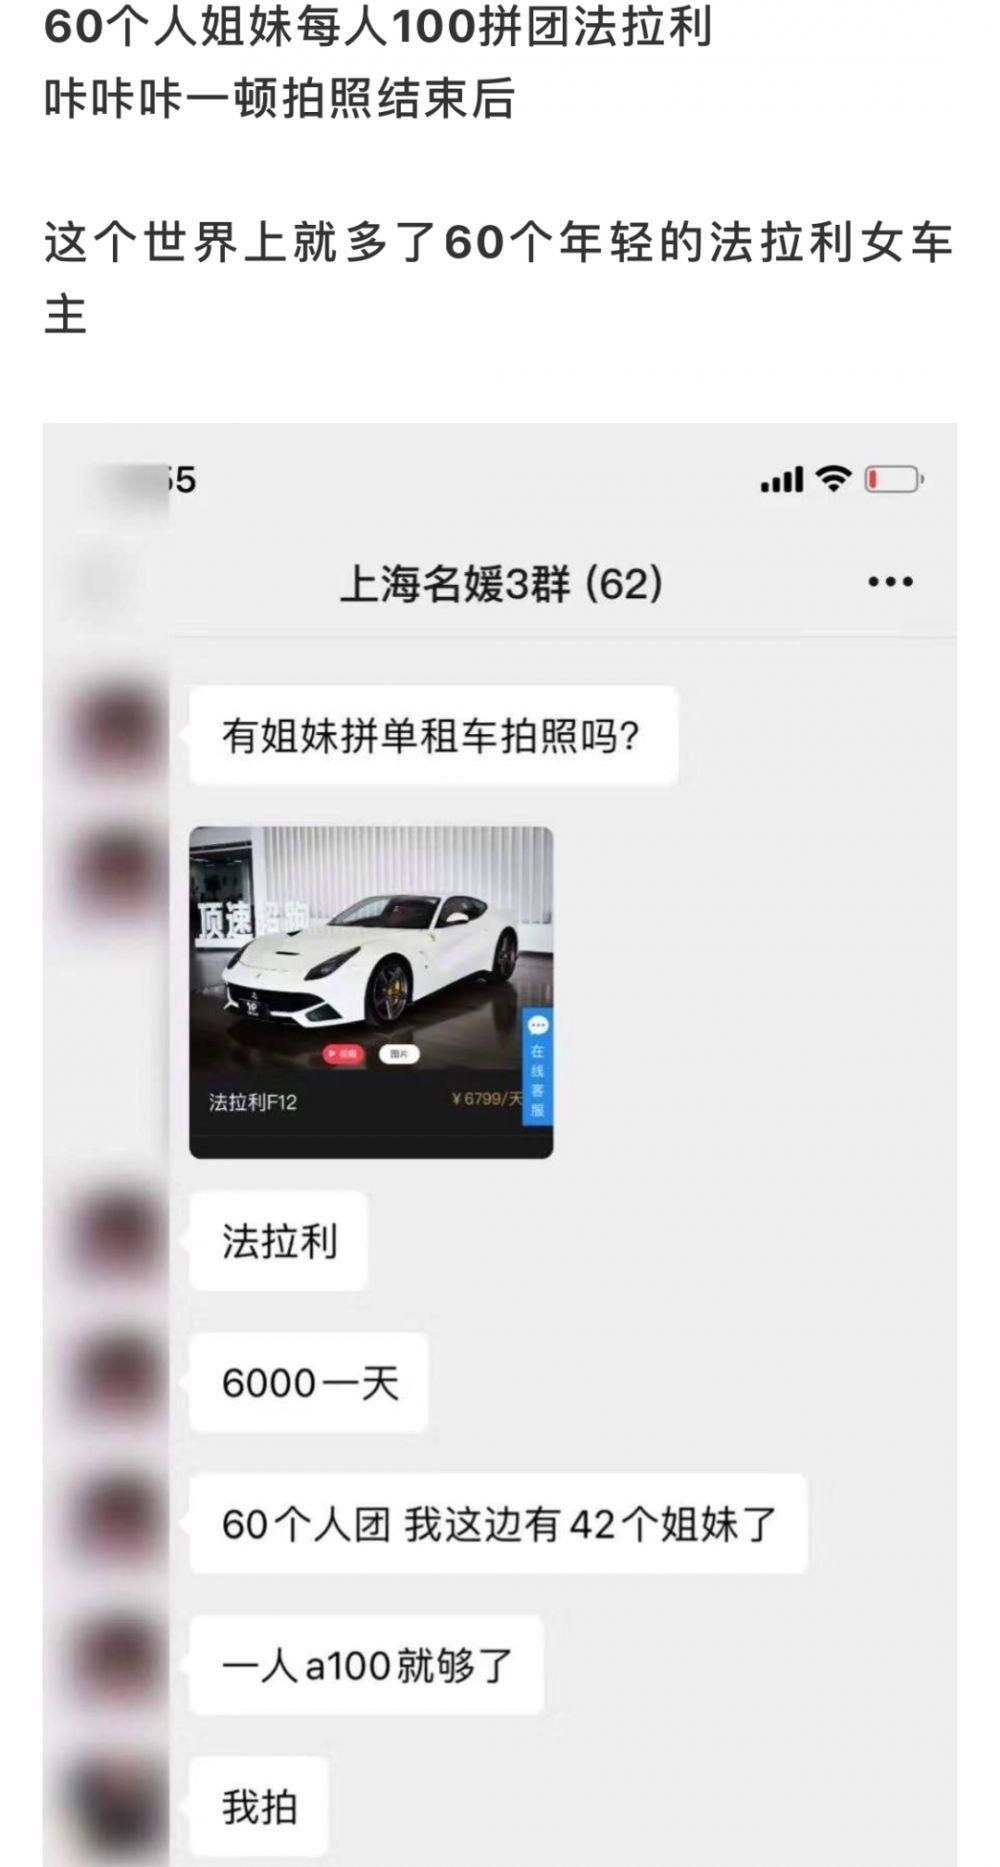 被上海名媛圈笑吐了,Gucci公关哭晕在厕所-第14张图片-周小辉博客